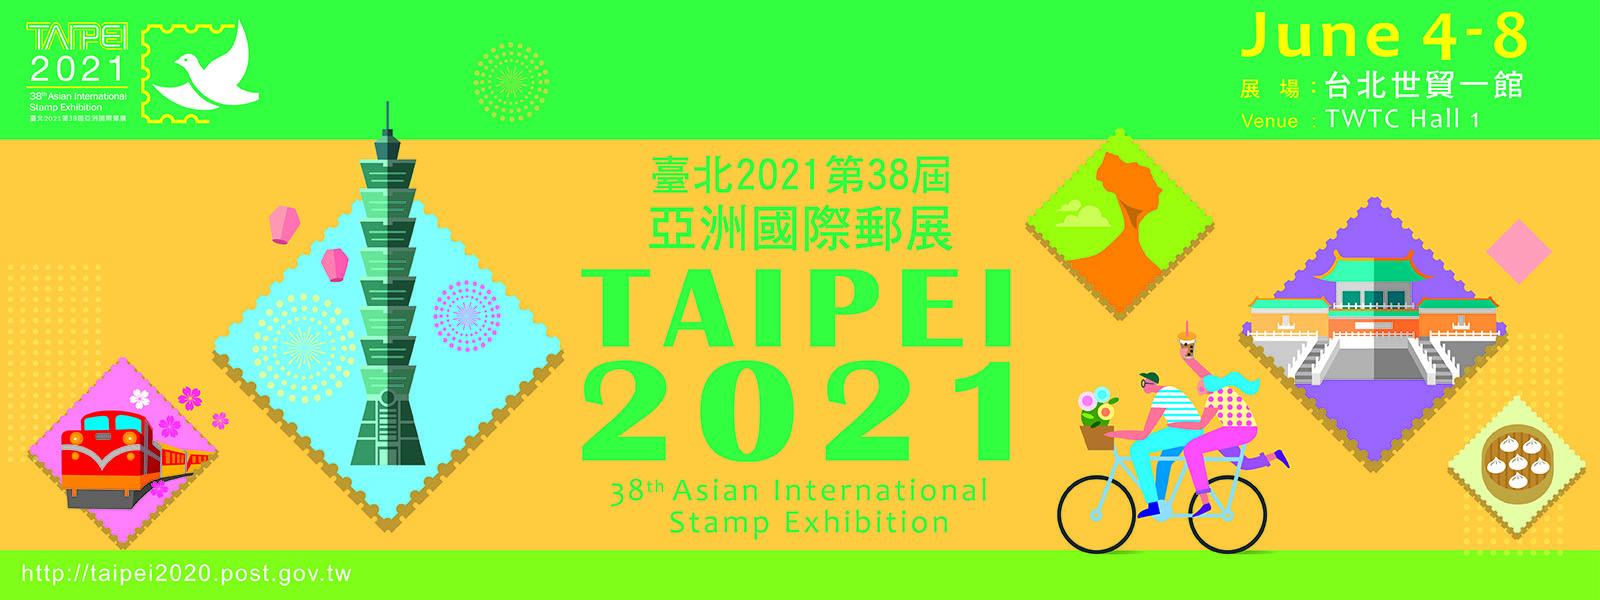 廣告連結:臺北2021第38屆亞洲國際郵展